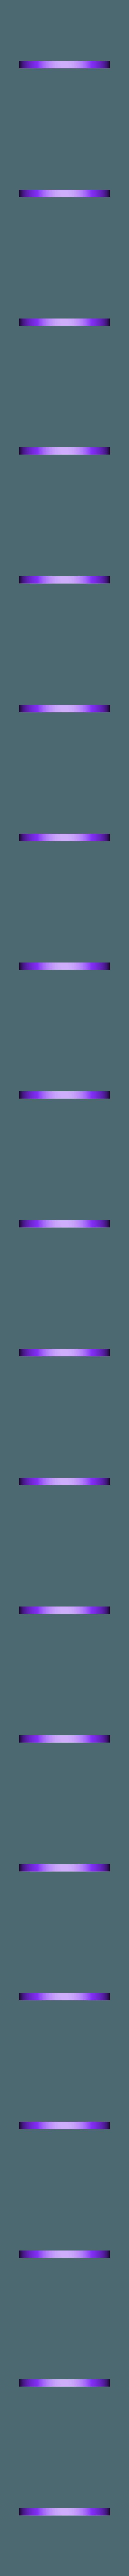 rond.STL Download free STL file Tic Tac Toe • 3D printable design, seb2320